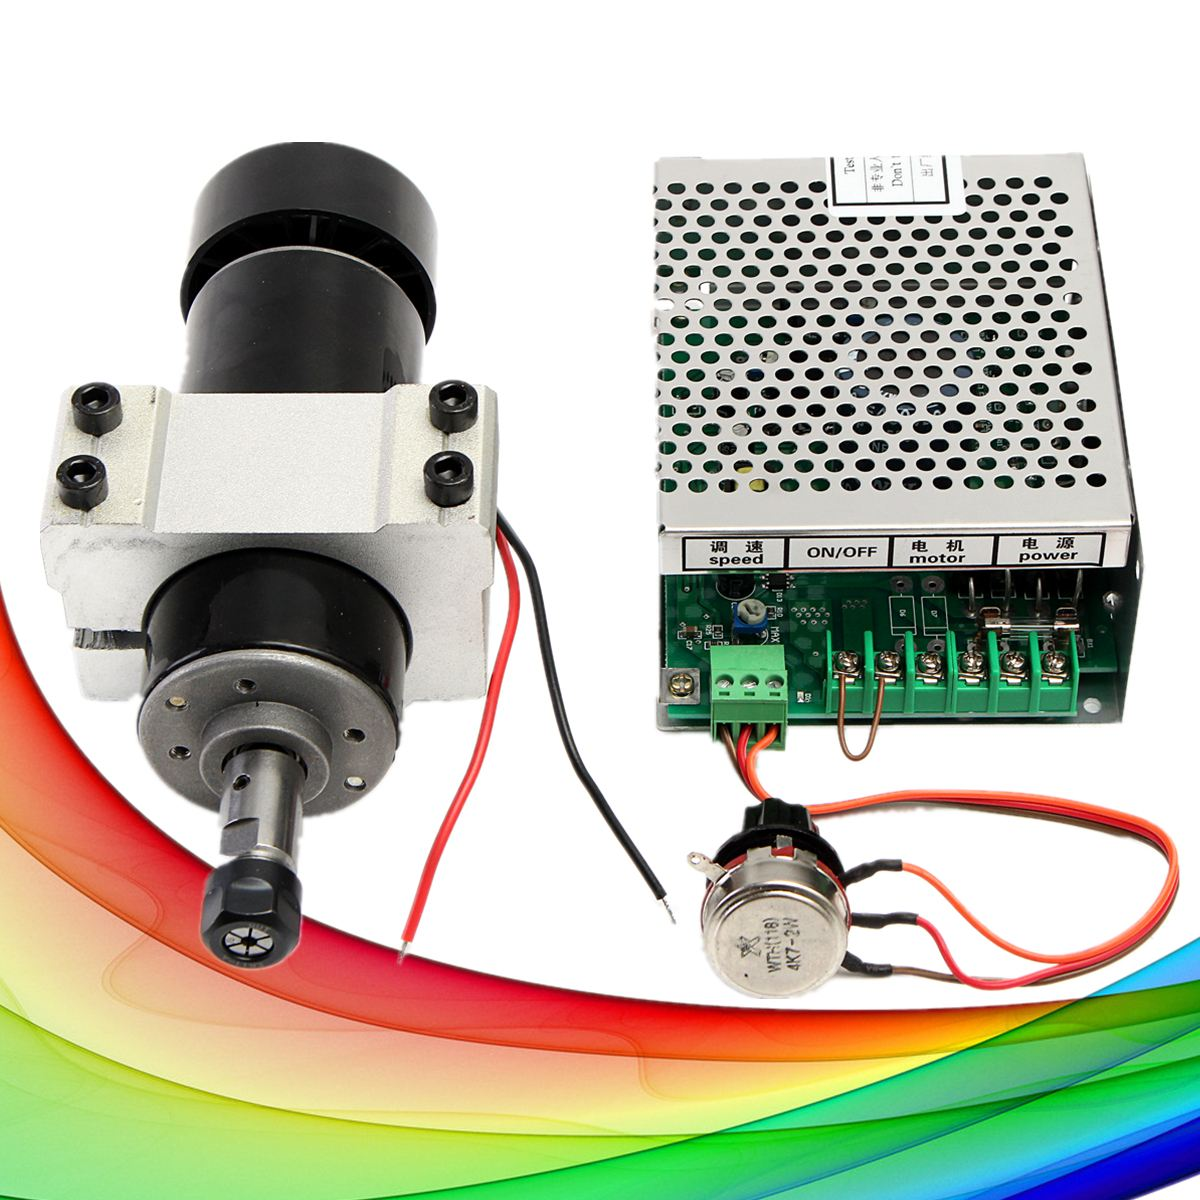 1 компл. ЧПУ шпинделя 500 Вт с воздушным охлаждением 0.5kw фрезерные шпинделя Скорость Мощность конвертер